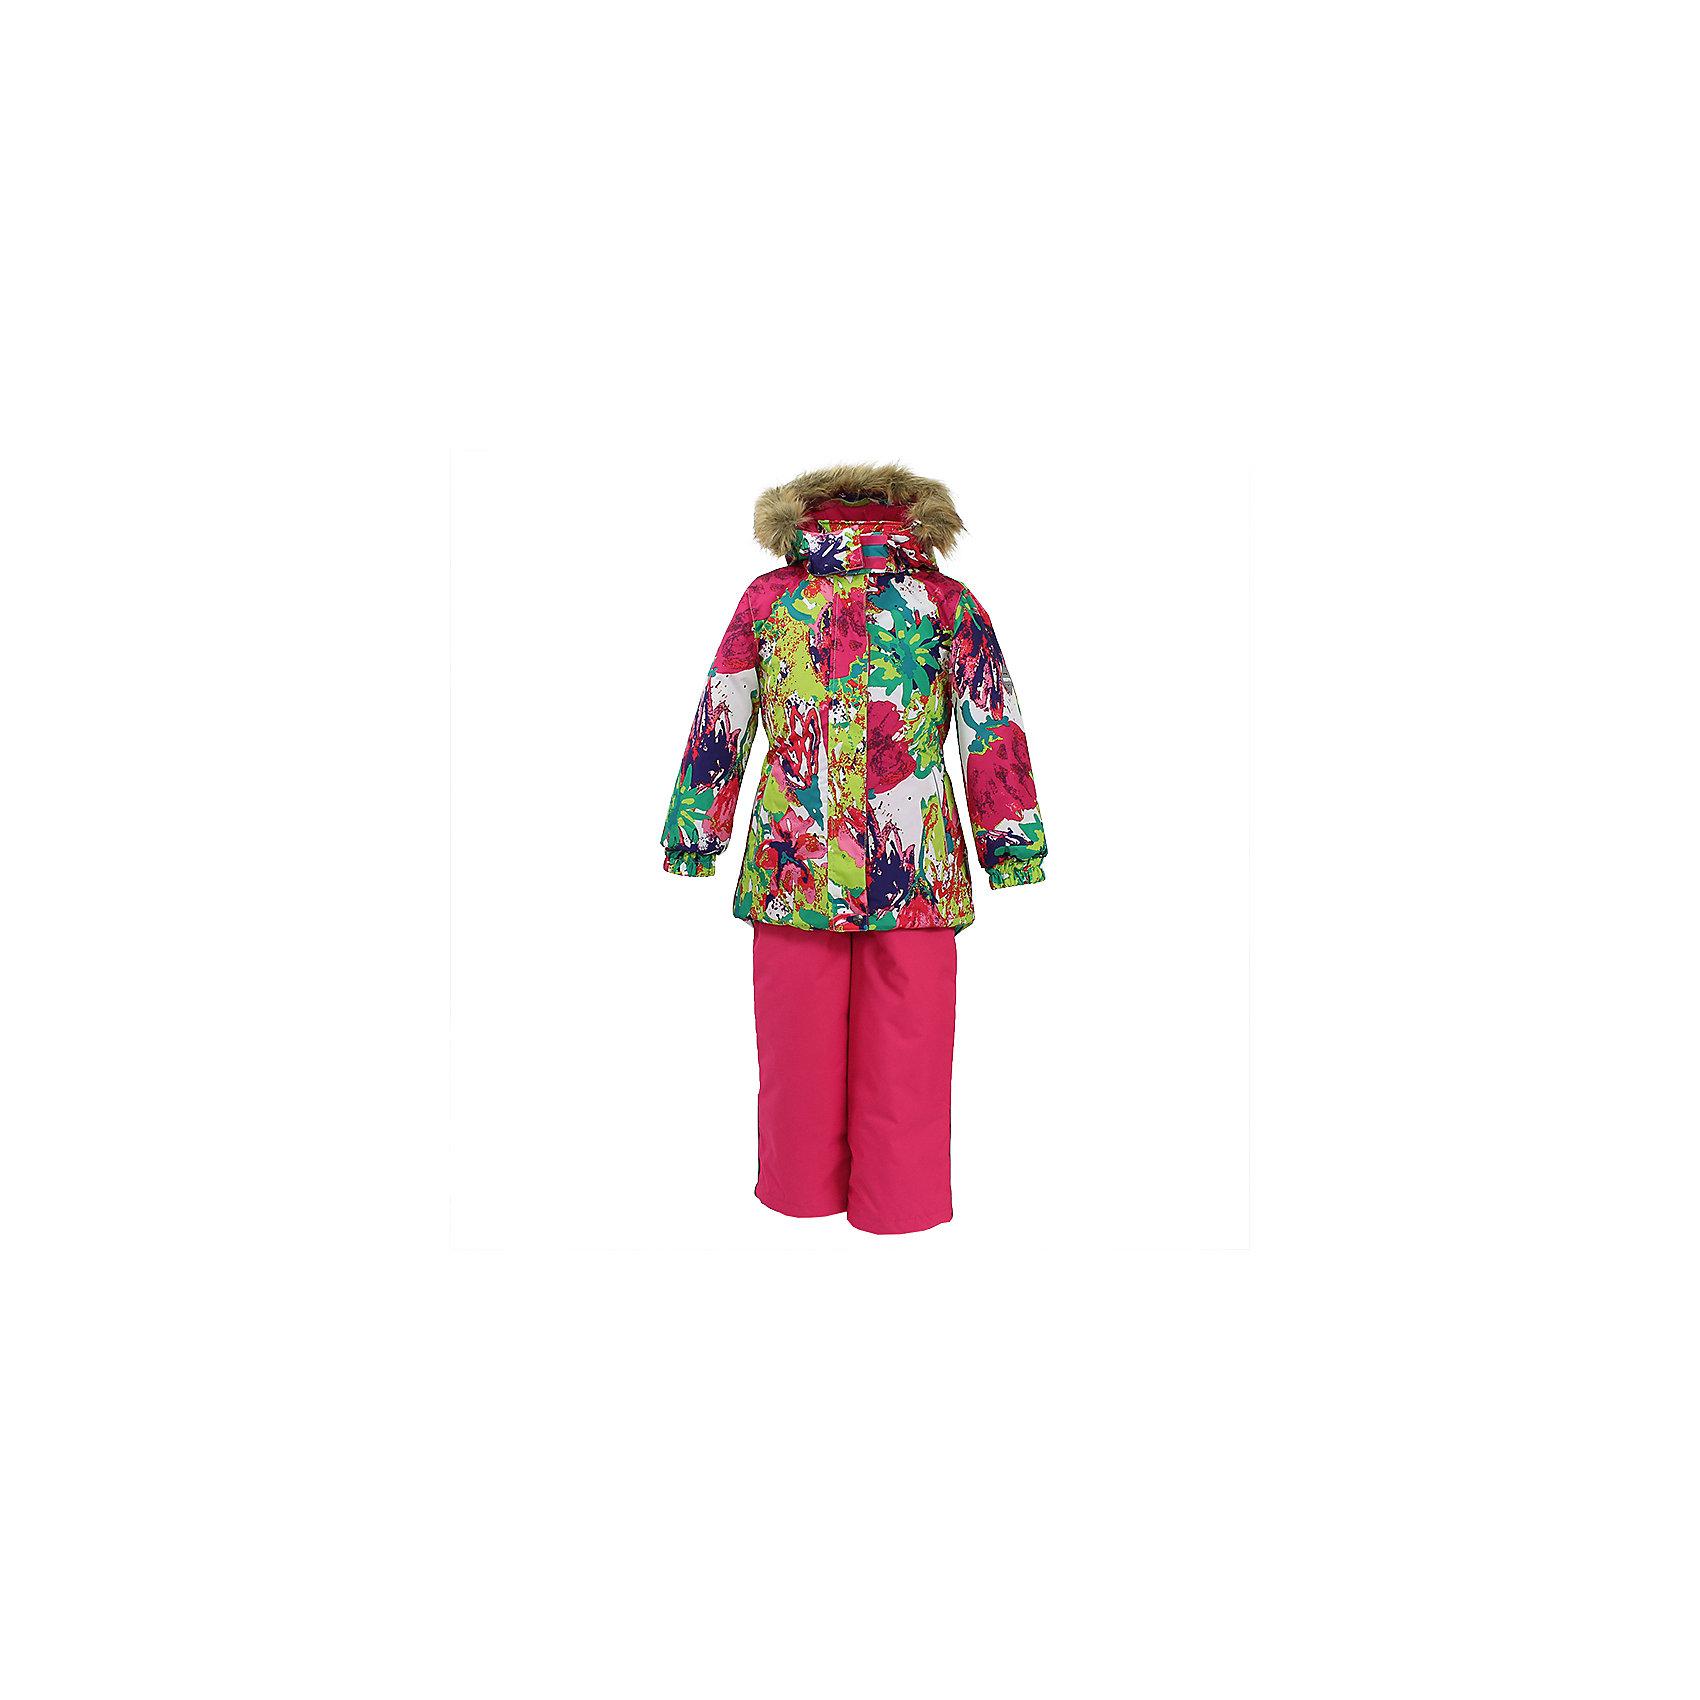 Комплект: куртка и брюки RENELY 1 Huppa для девочкиВерхняя одежда<br>Характеристики товара:<br><br>• модель: Renely 1;<br>• цвет: ягодный принт / фуксия;<br>• состав: 100% полиэстер;<br>• утеплитель: нового поколения HuppaTherm, 300/160гр;<br>• подкладка: полиэстер: тафта, pritex;<br>• сезон: зима;<br>• температурный режим: от -5 до - 30С;<br>• водонепроницаемость: 10000 мм  ;<br>• воздухопроницаемость: 10000 г/м2/24ч;<br>• влагоустойчивая и дышащая ткань верхнего слоя ;<br>• особенности модели: c рисунком; с мехом;<br>• плечевые швы и шаговый шов проклеены водостойкой лентой;<br>• мембрана препятствует прохождению воды и ветра сквозь ткань;<br>• в куртке застежка молния, прикрыта планкой;<br>• сзади встроена резинка в области талии;<br>• воротник стойка и дополнительная липучка на капюшоне хорошо закрывают область шеи;<br>• низ куртки стягивается кулиской, что помогает предотвращать попадание снега внутрь;<br>• эластичные подтяжки регулируются по длине;<br>• форма брючин прямая, внутри дополнительная штанина на резинке, предотвращает попадание снега внутрь;<br>• низ брюк затягивается на шнурок с фиксатором;<br>• капюшон при необходимости отстегивается;<br>• искусственный мех на капюшоне съемный ;<br>• светоотражающих элементов для безопасности ребенка ;<br>• все карманы застегиваются на молнию;<br>• манжеты рукавов на резинке; <br>• страна бренда: Финляндия;<br>• страна изготовитель: Эстония.<br><br>Зимний комплект Renely для девочки бренда HUPPA  водо воздухонепроницаемый. Утеплитель HuppaTherm - высокотехнологичный легкий синтетический утеплитель нового поколения. Сохраняет объем и высокую теплоизоляцию изделия.<br><br>Изделия HuppaTherm легкие по весу, комфортные и теплые.Мембрана препятствует прохождению воды и ветра сквозь ткань внутрь изделия, позволяя испаряться выделяемой телом, образовывающейся внутри влаге.<br>Прочная ткань: сплетения волокон в тканях выполнены по специальной технологии, которая придаёт ткани прочность и предохранят от истирания.<br><br>З